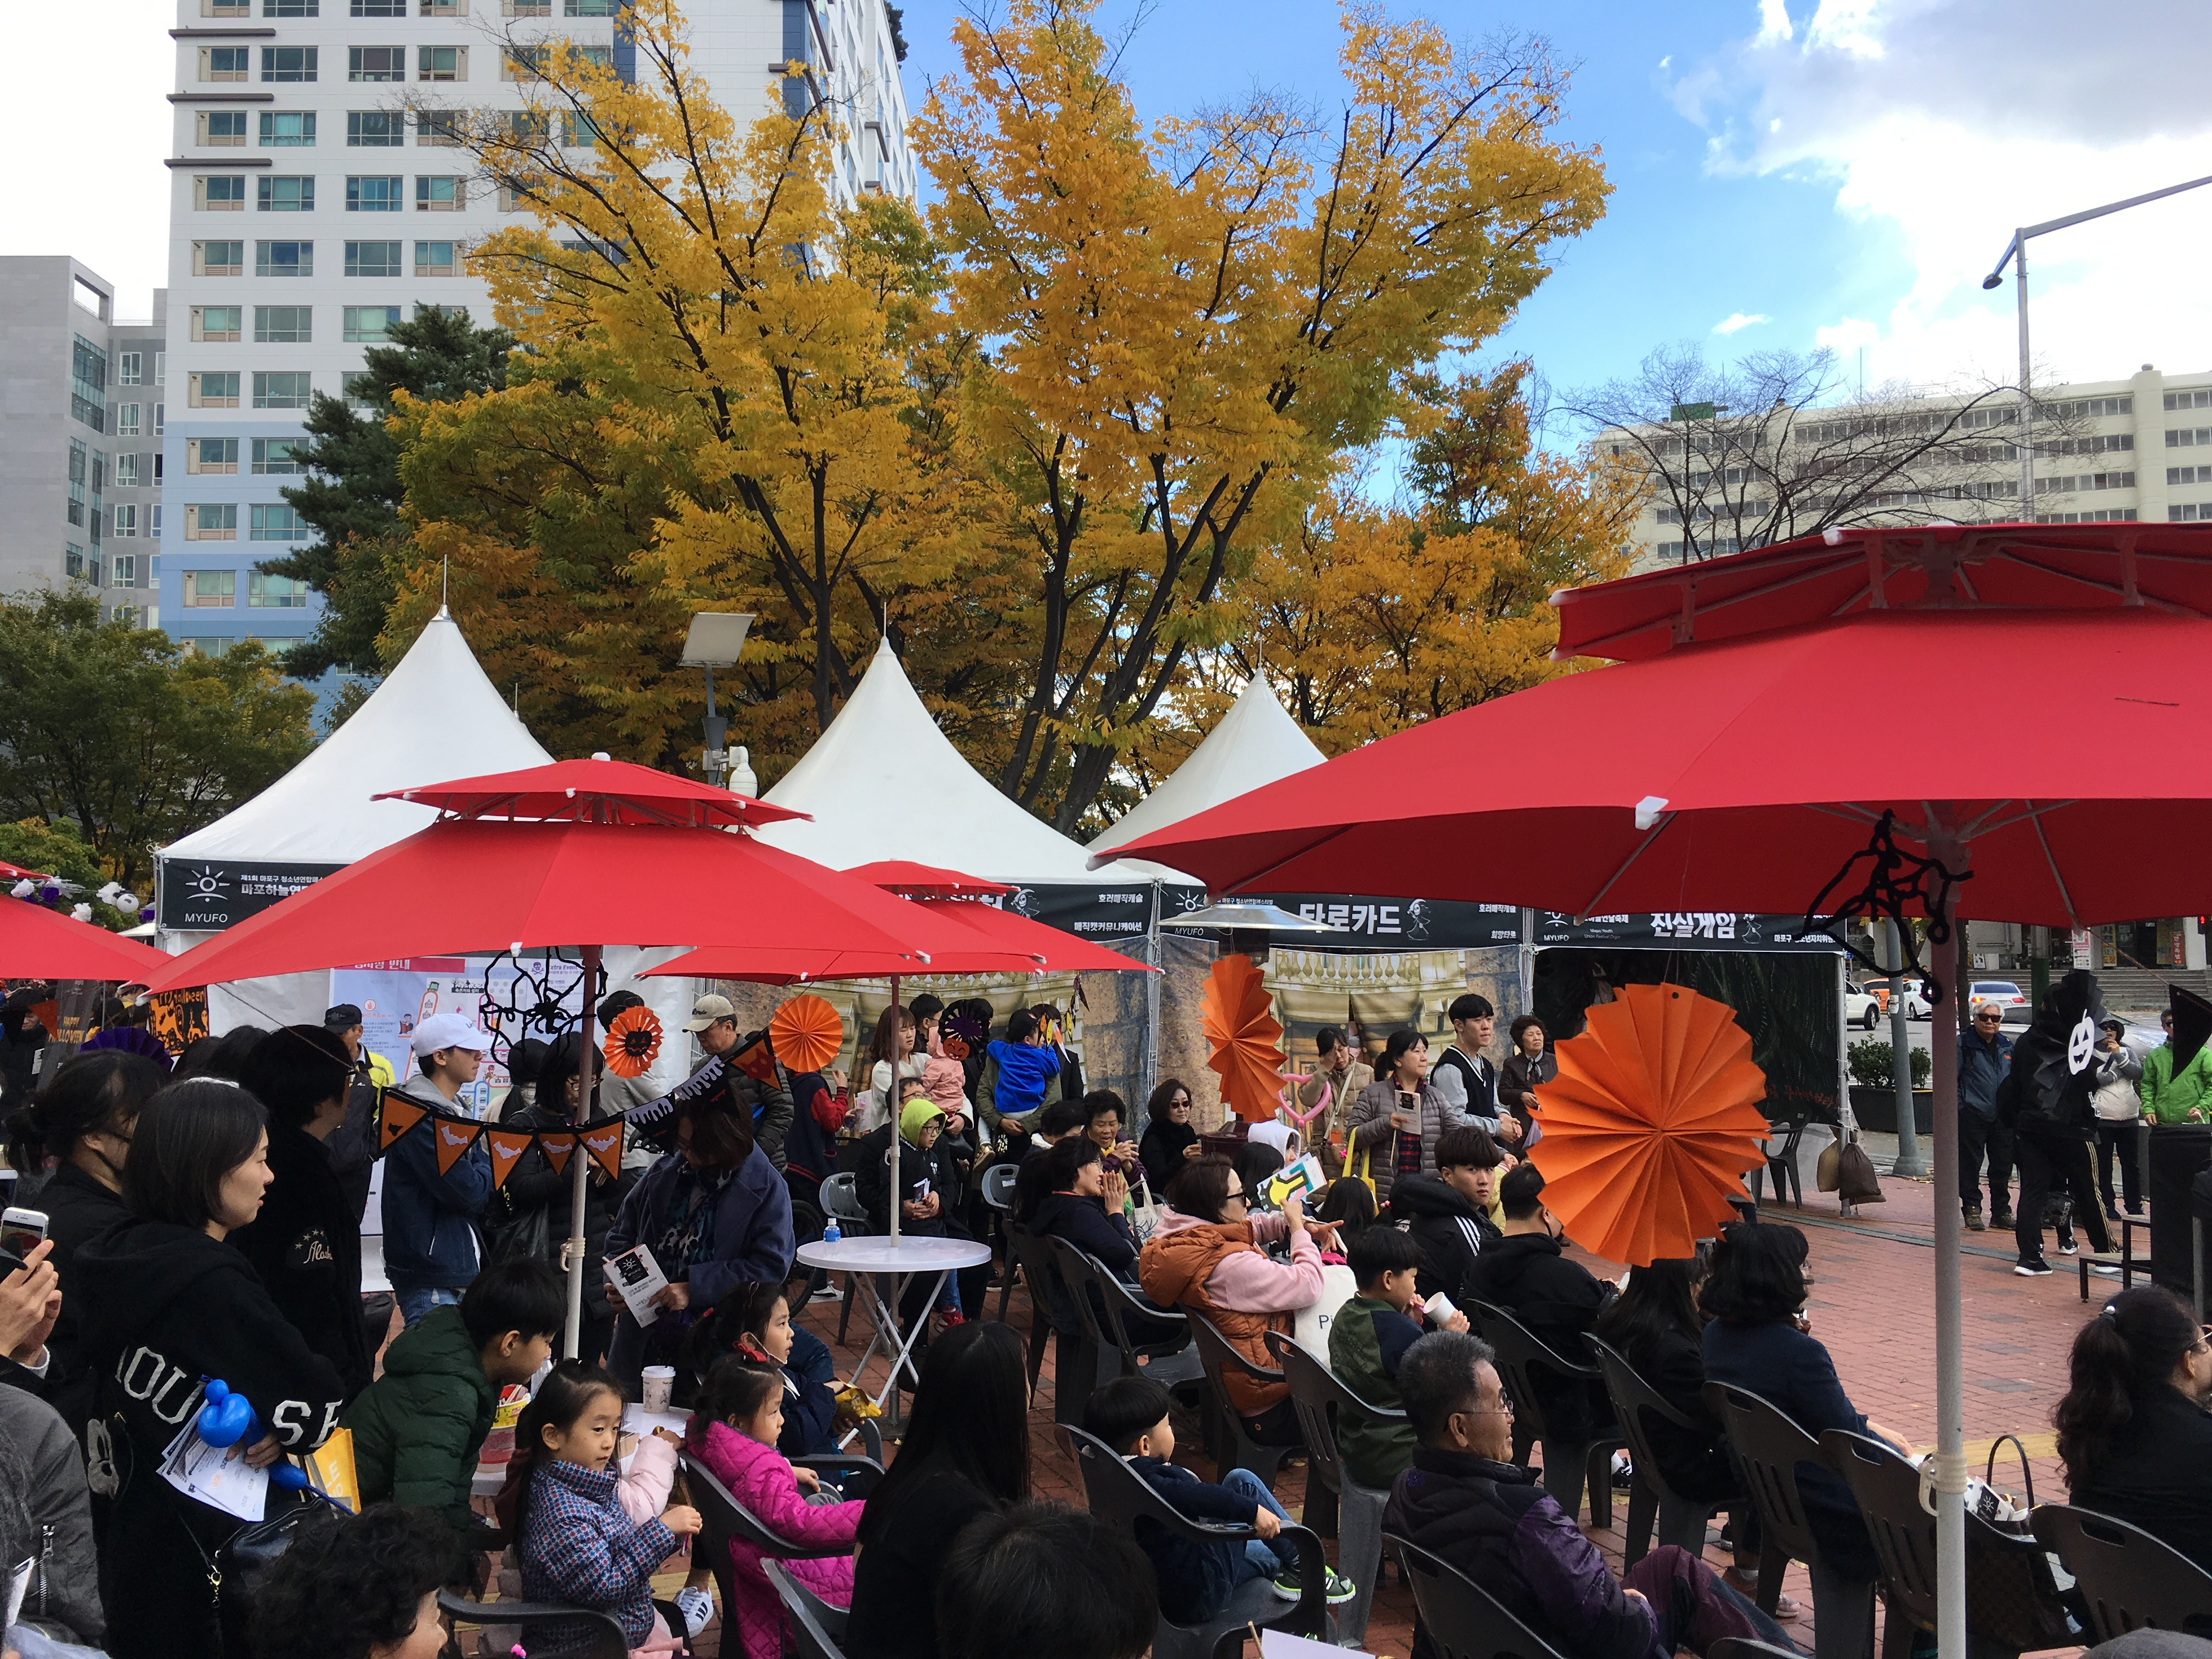 청소년이 만드는 축제 '제 2회 마포하늘연달축제'개최